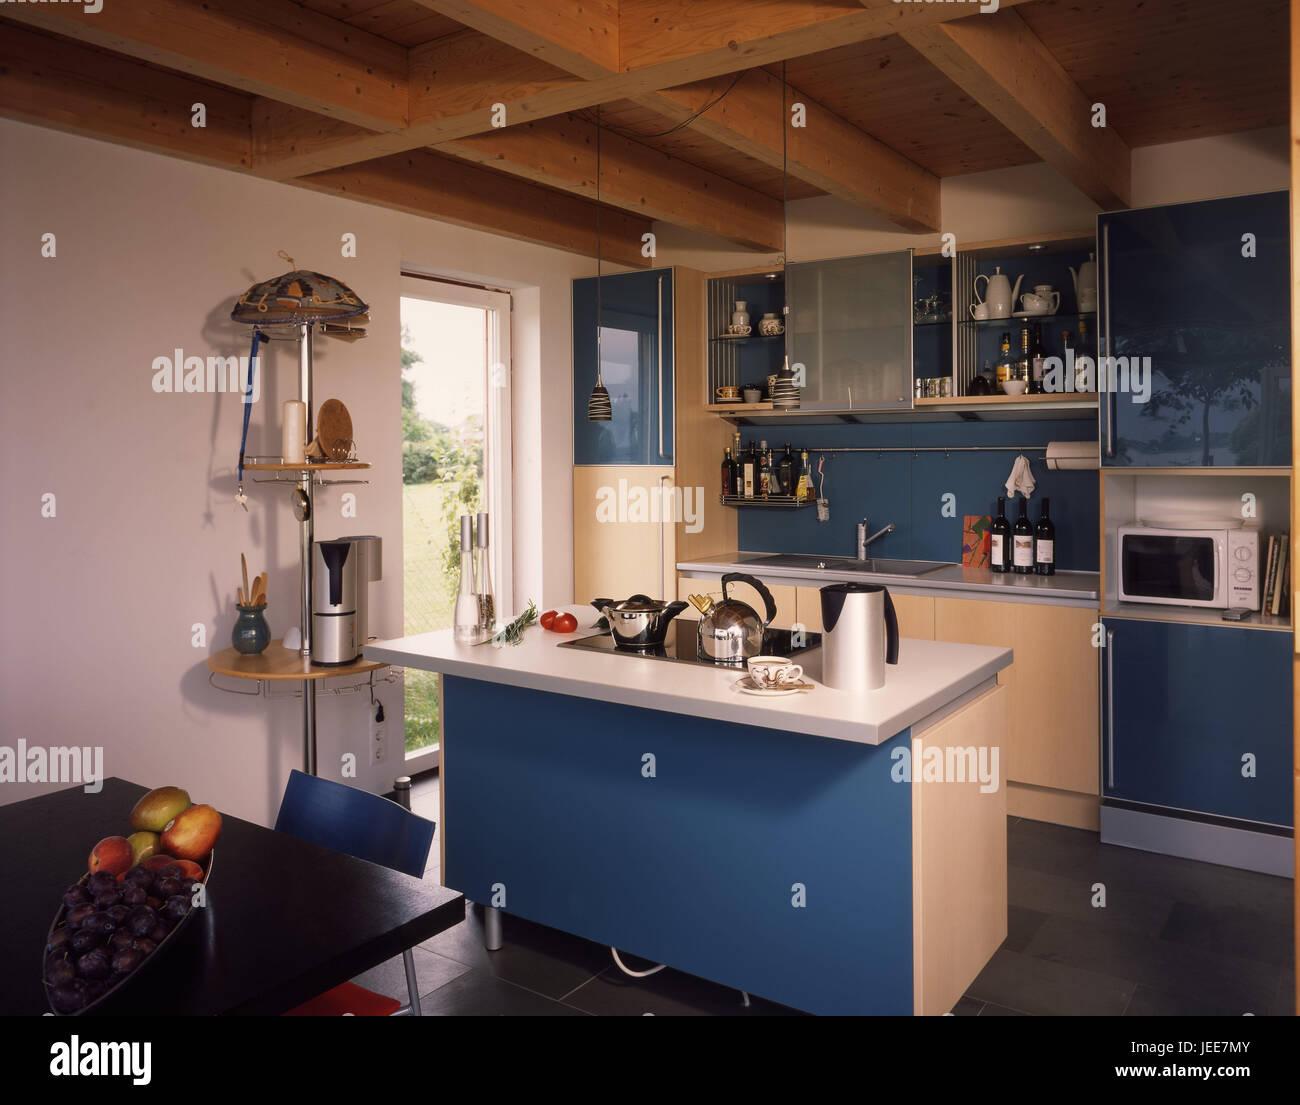 Wohnhaus, Küche, moderne, live Sommer ordentlich, Ferienhaus ...